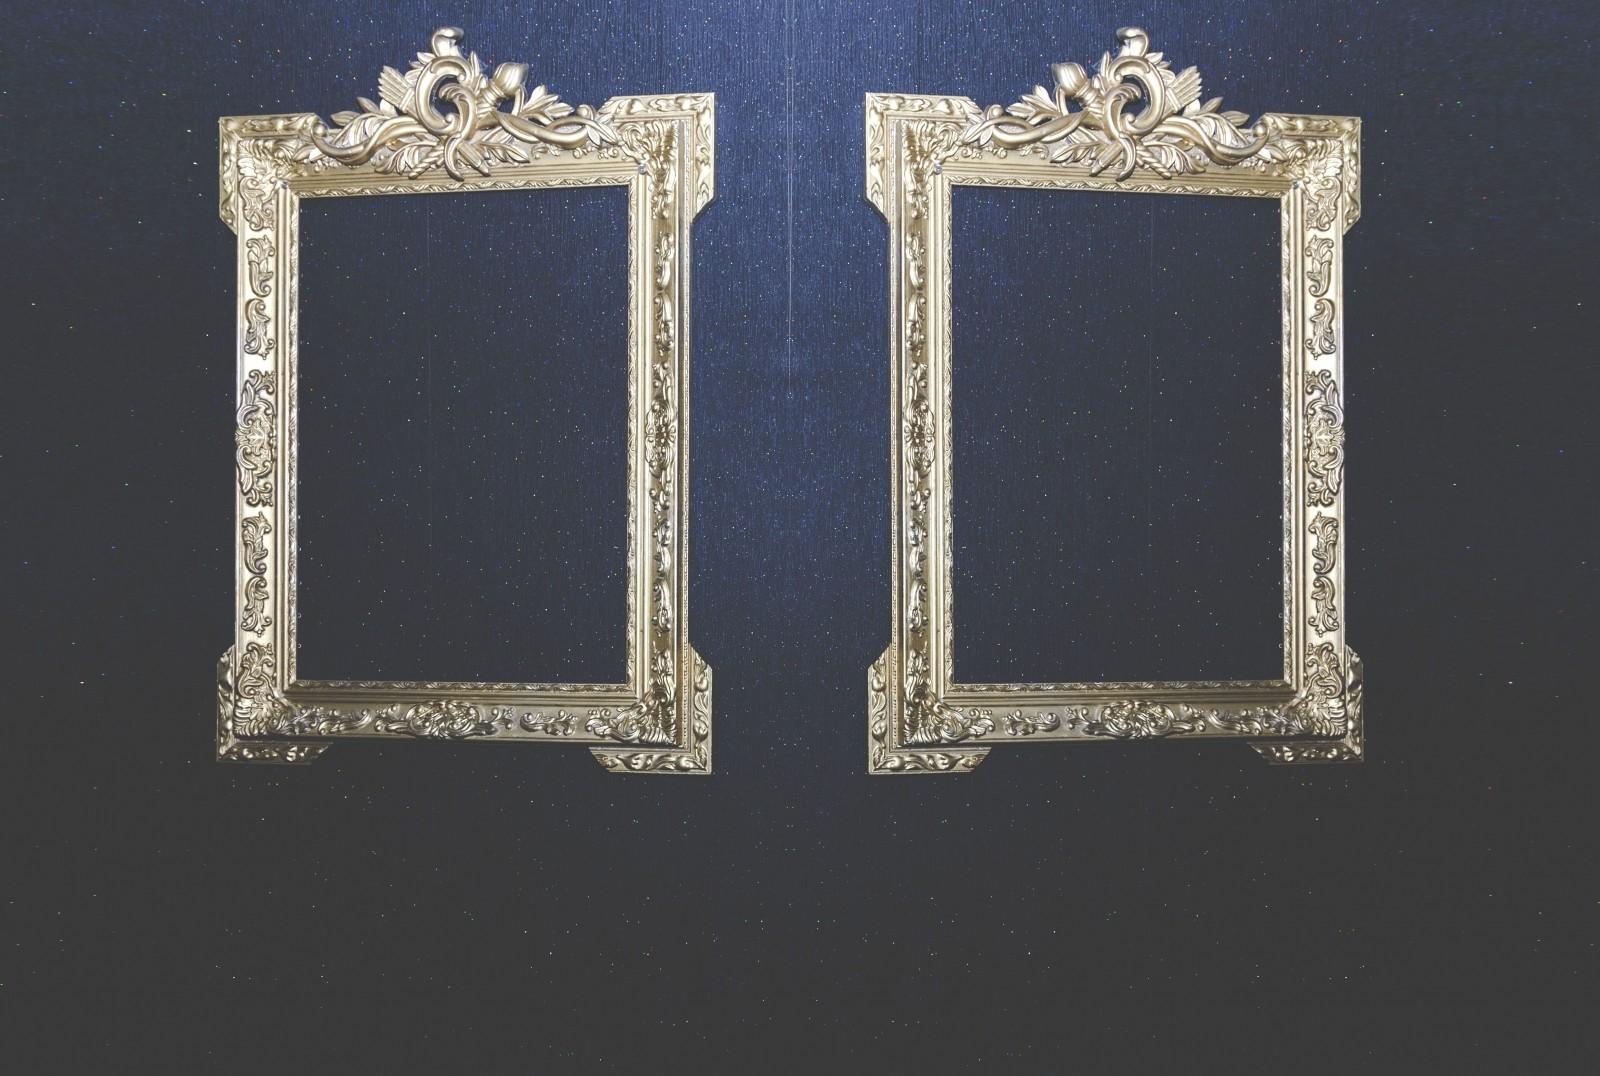 portrait-frames-picture-gold-decor